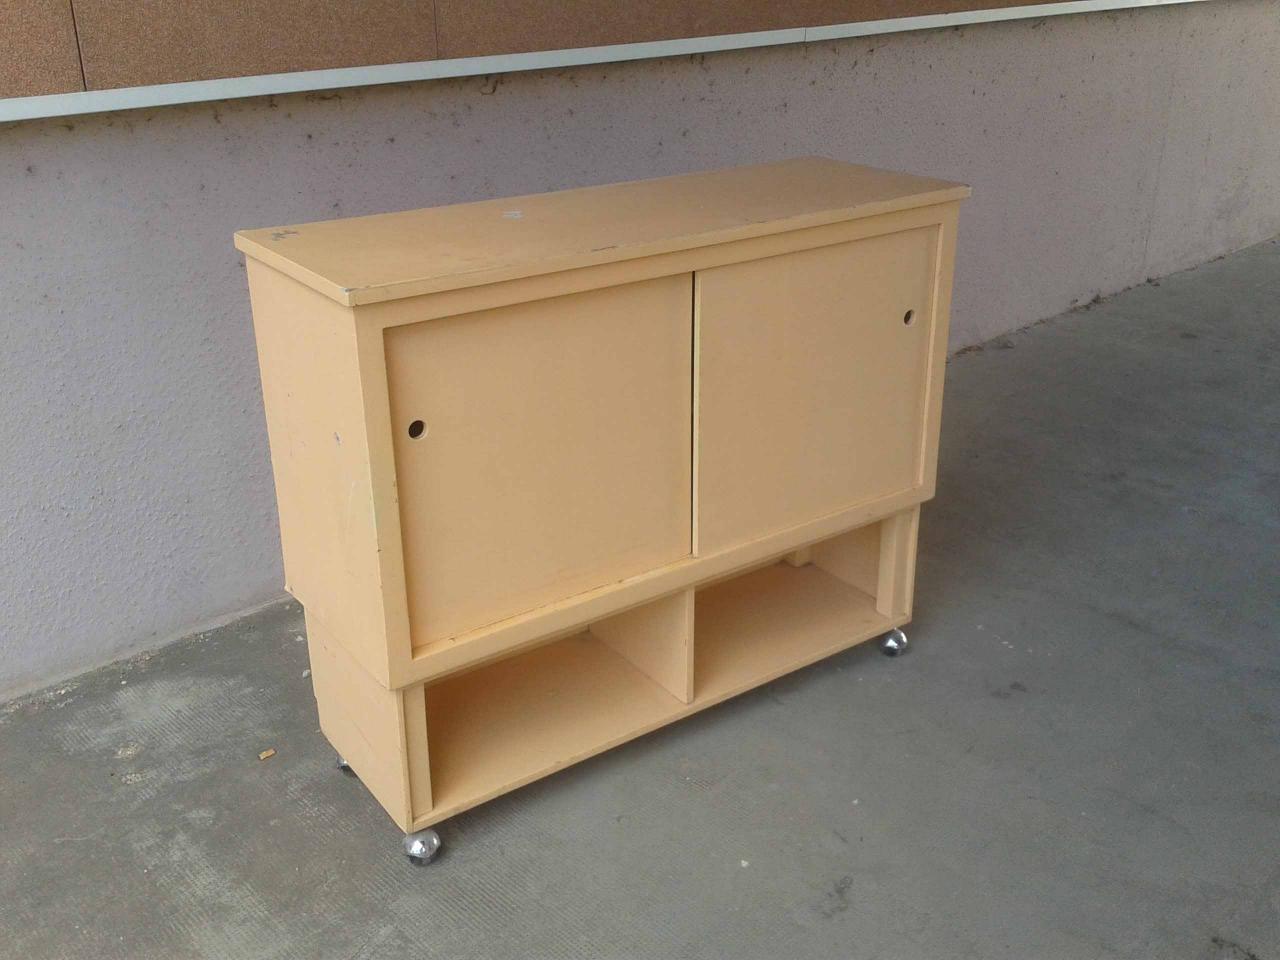 Peindre meuble ancien 20170803165437 for Peindre meuble pin